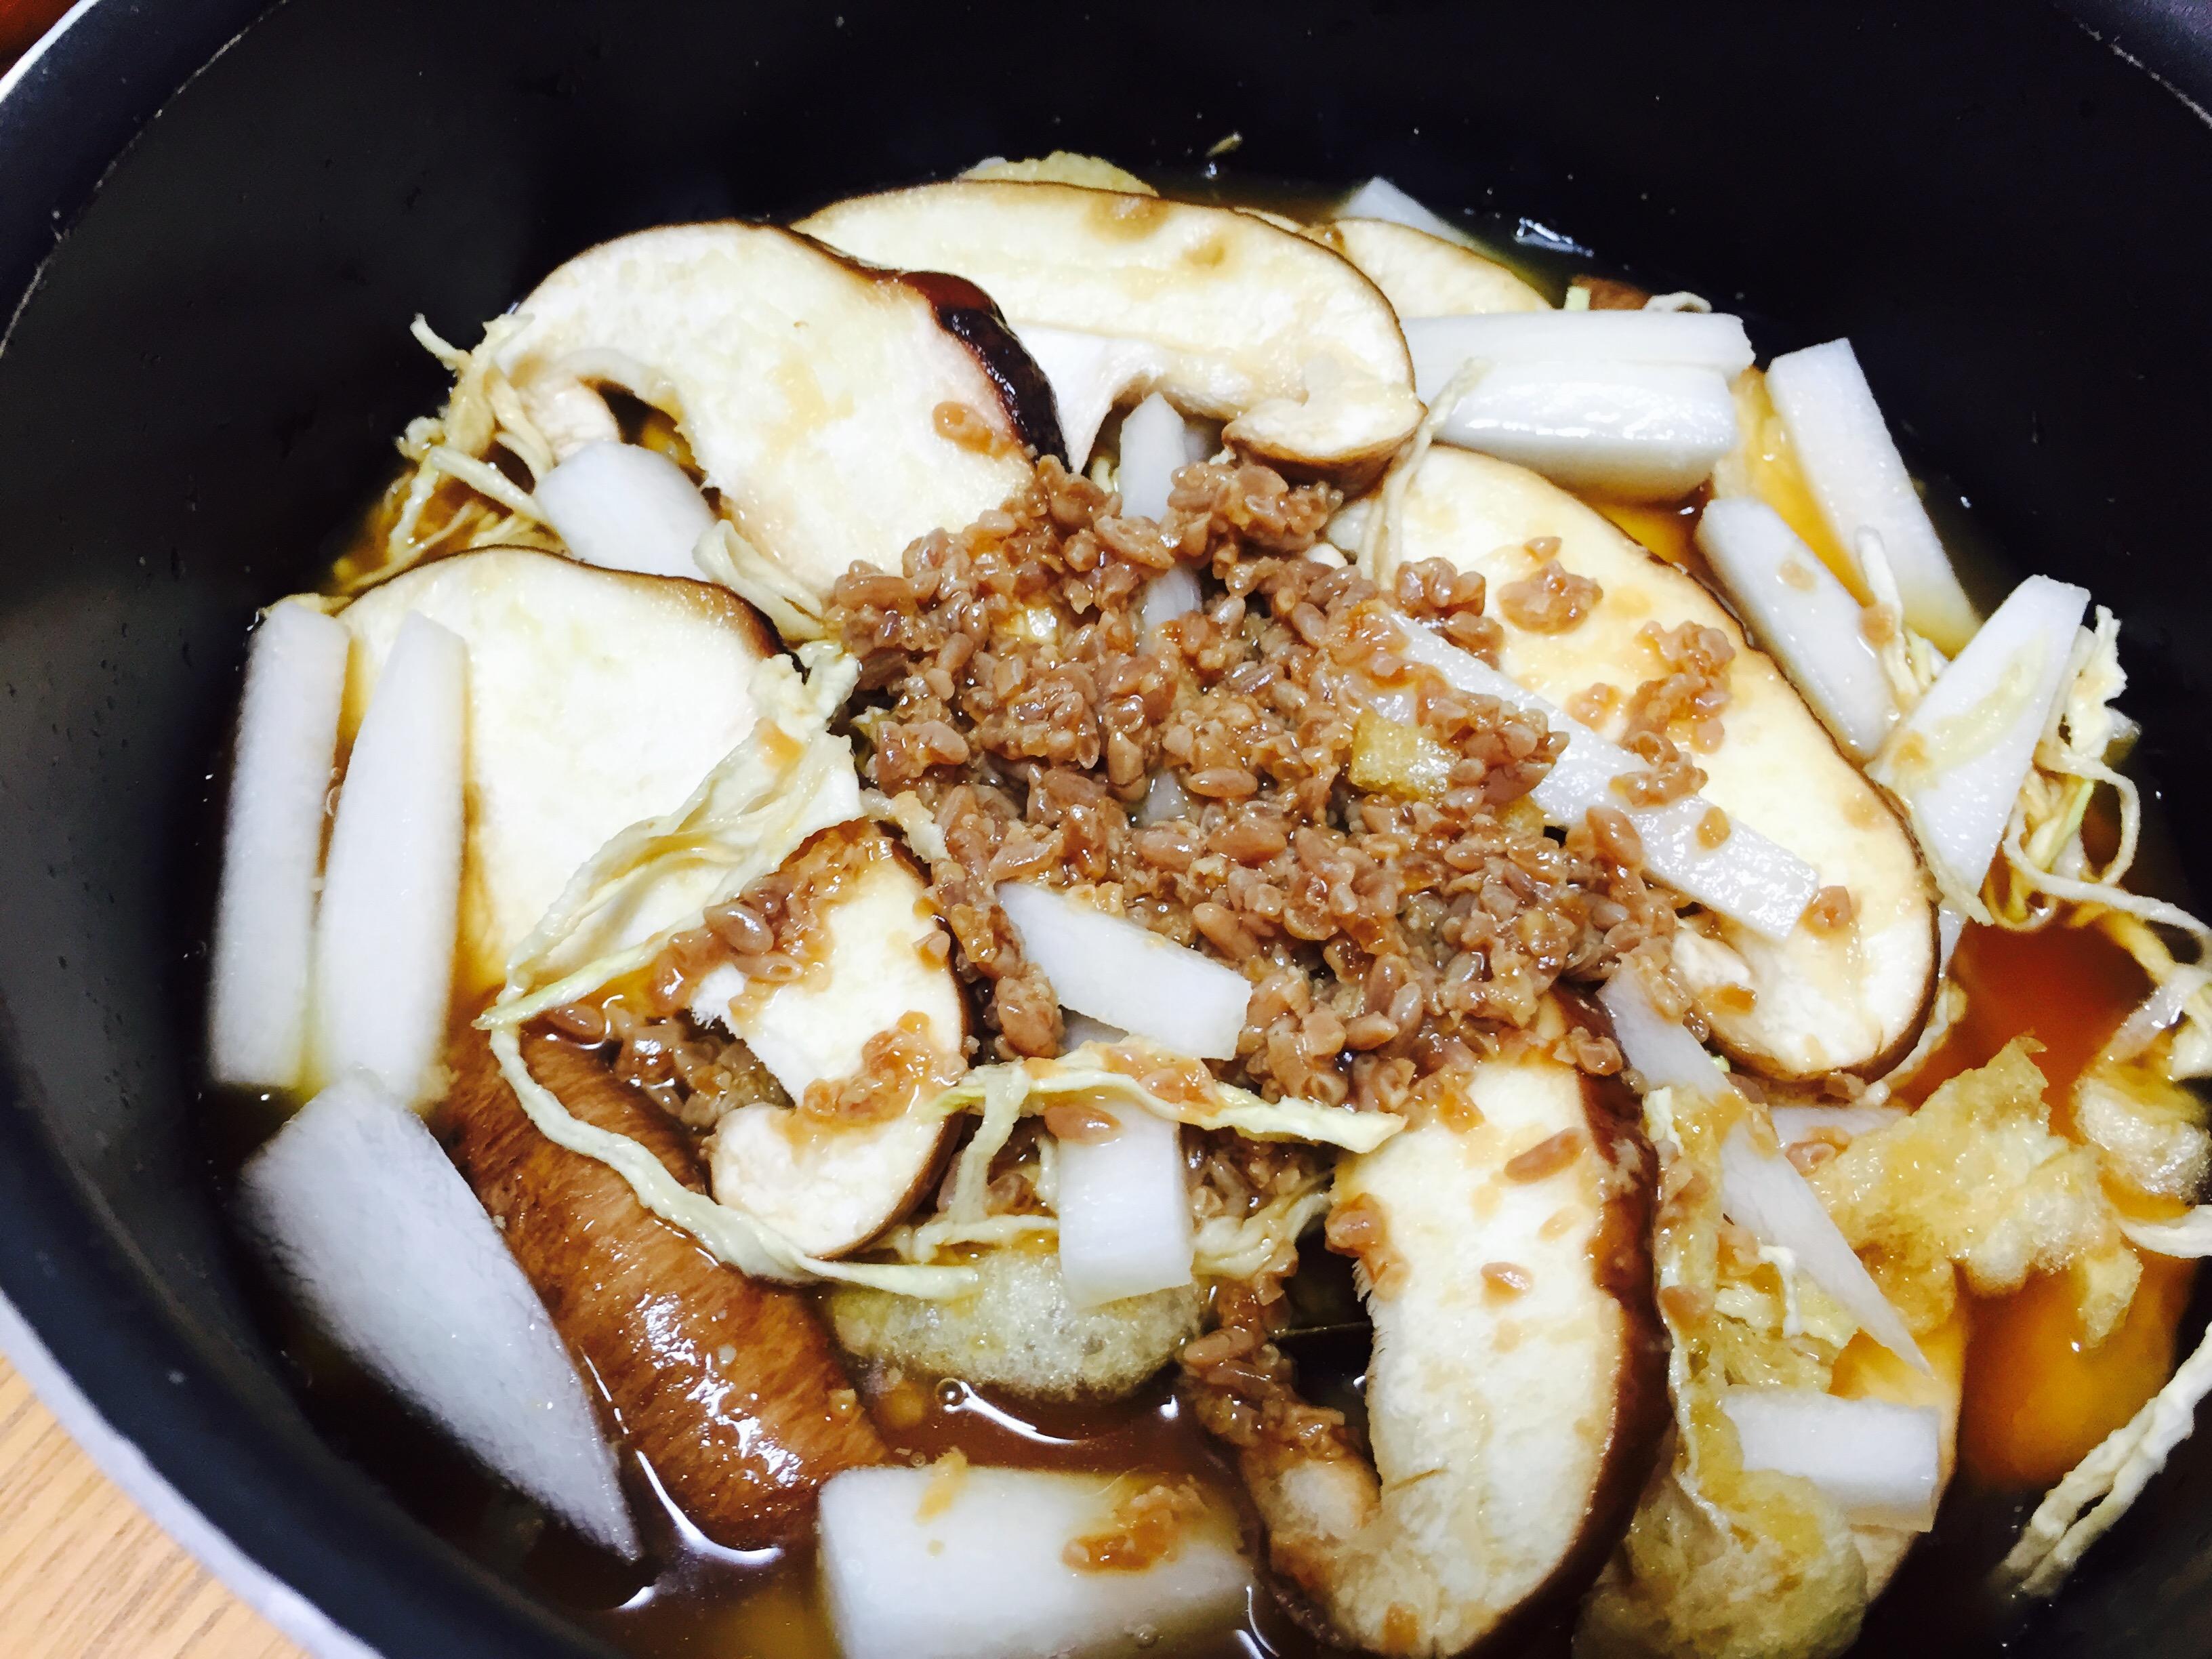 鍋に炊き込みご飯の材料を入れる